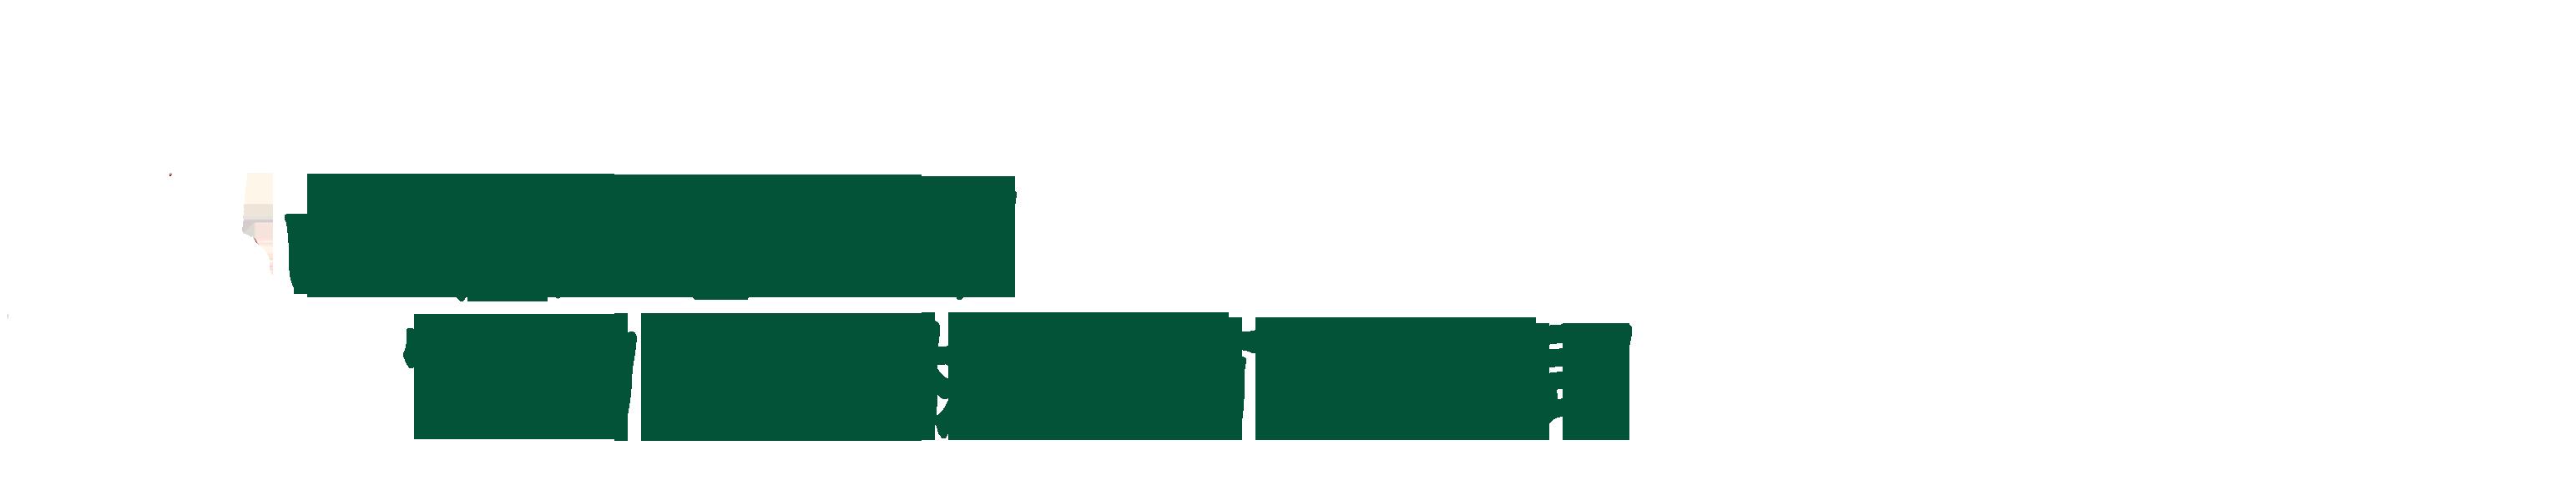 山东省滨州市富田农业机械有限公司